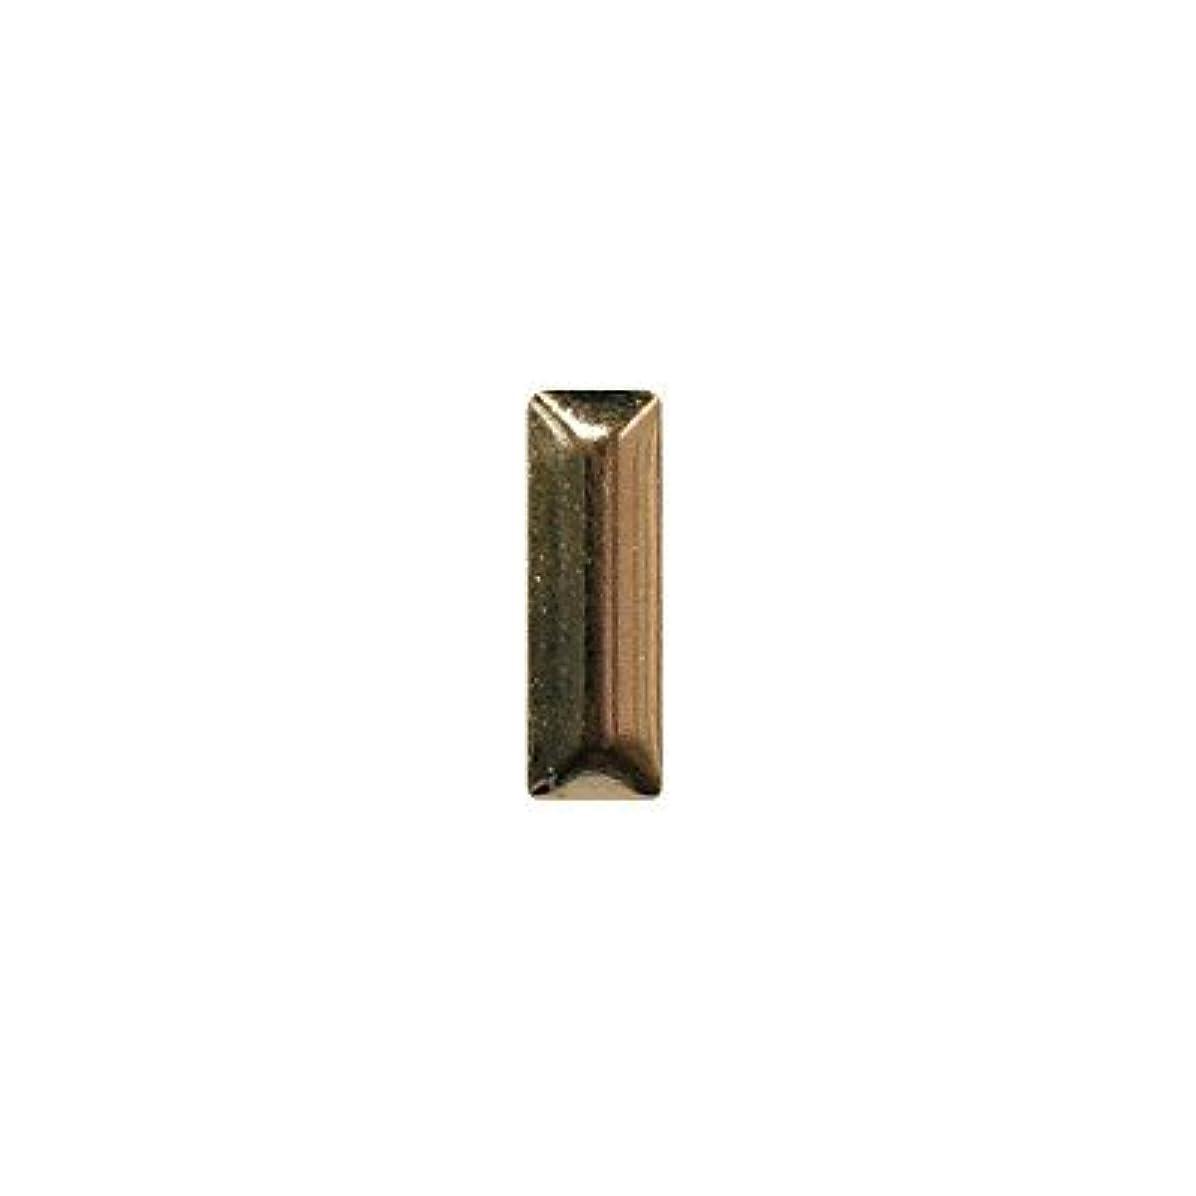 広がりあなたが良くなりますトチの実の木ピアドラ スタッズ メタル長方形 2×6mm 50P ゴールド